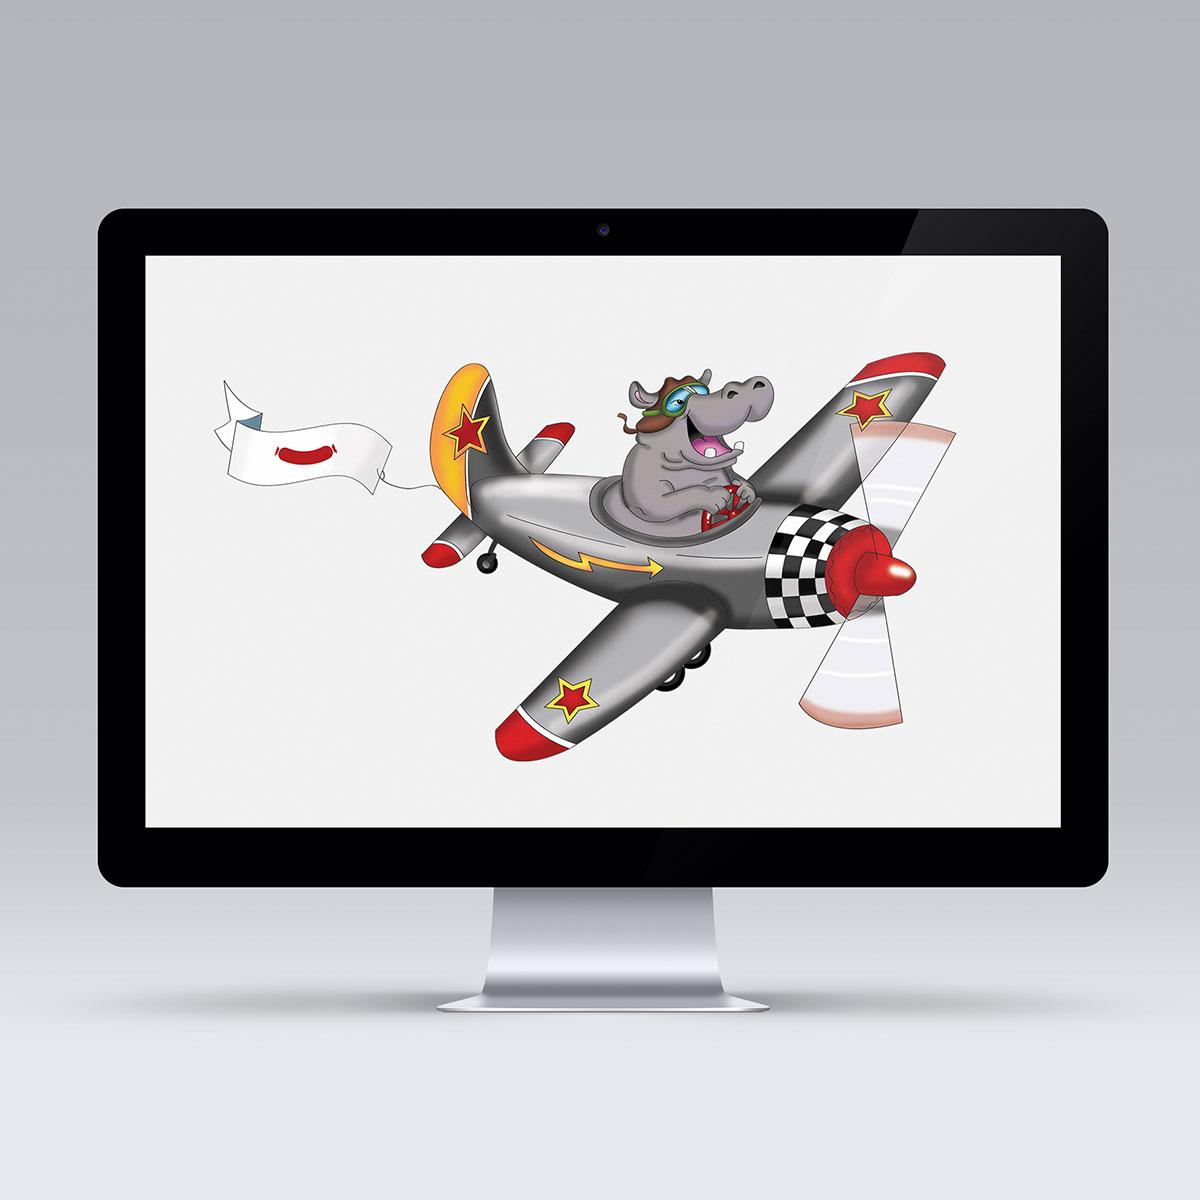 Flomme i fly - fra akvarel til computertegning (vektorgrafik)